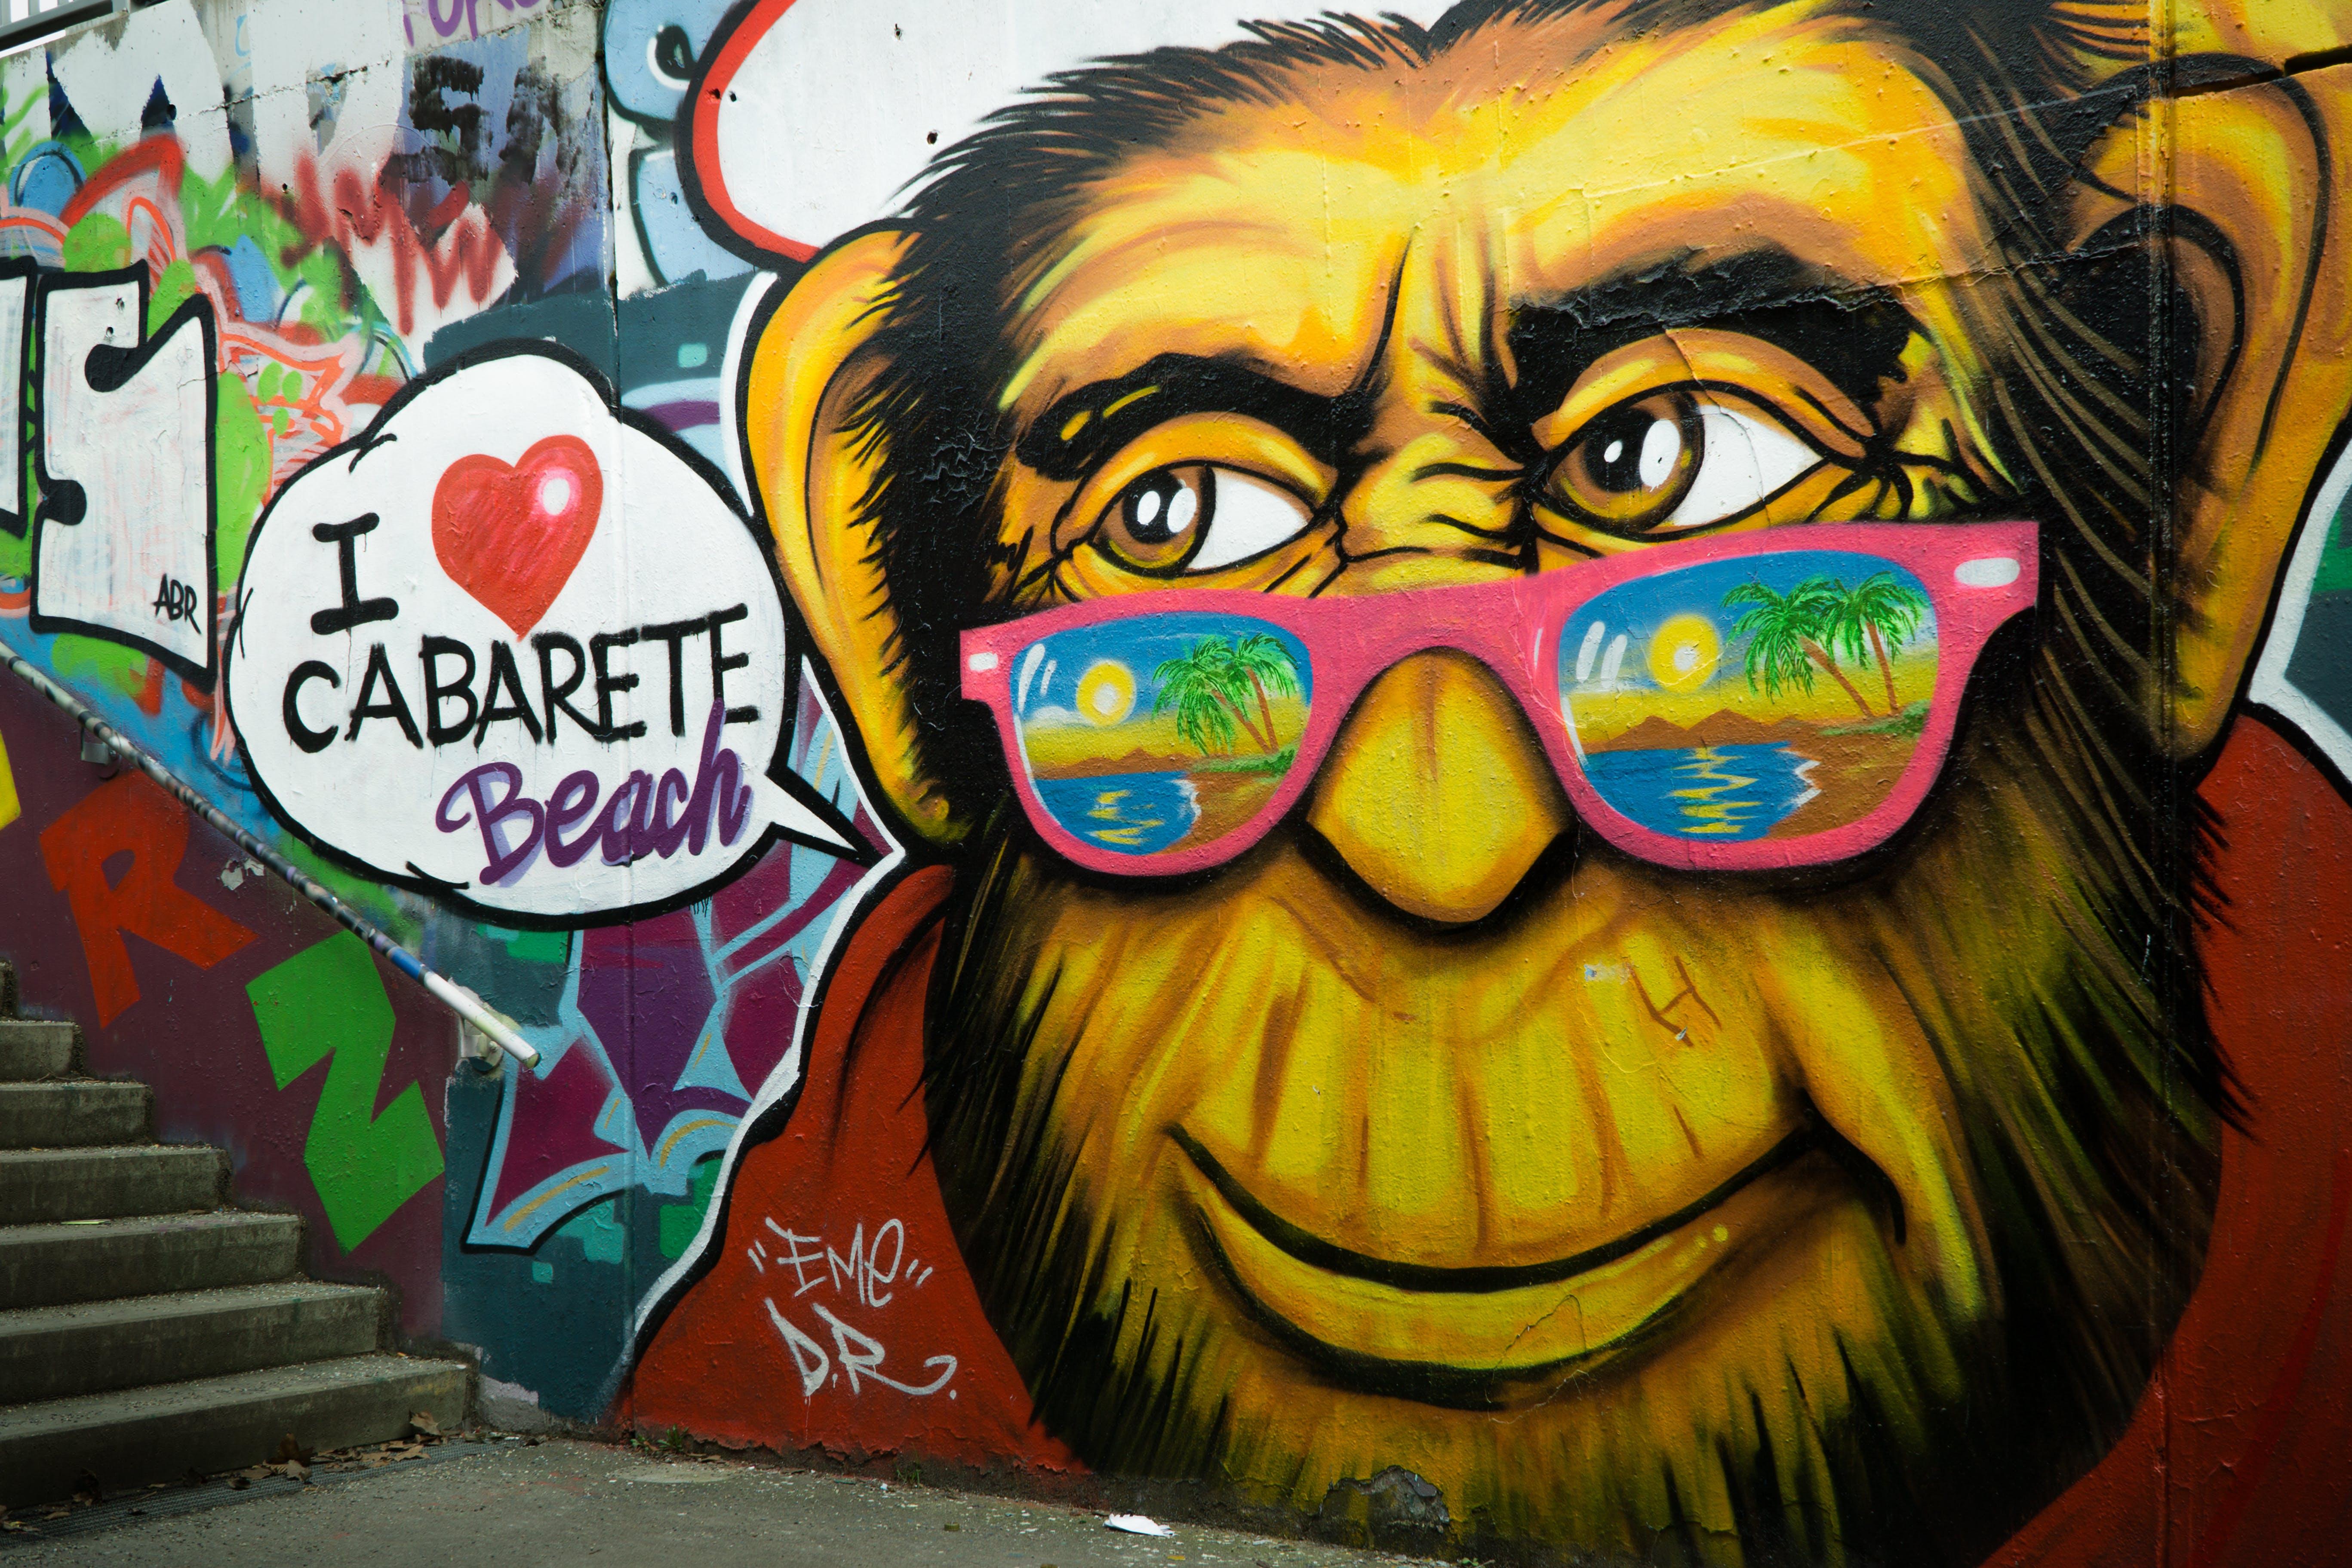 Gorilla Wearing Pink Sunglasses Graffiti